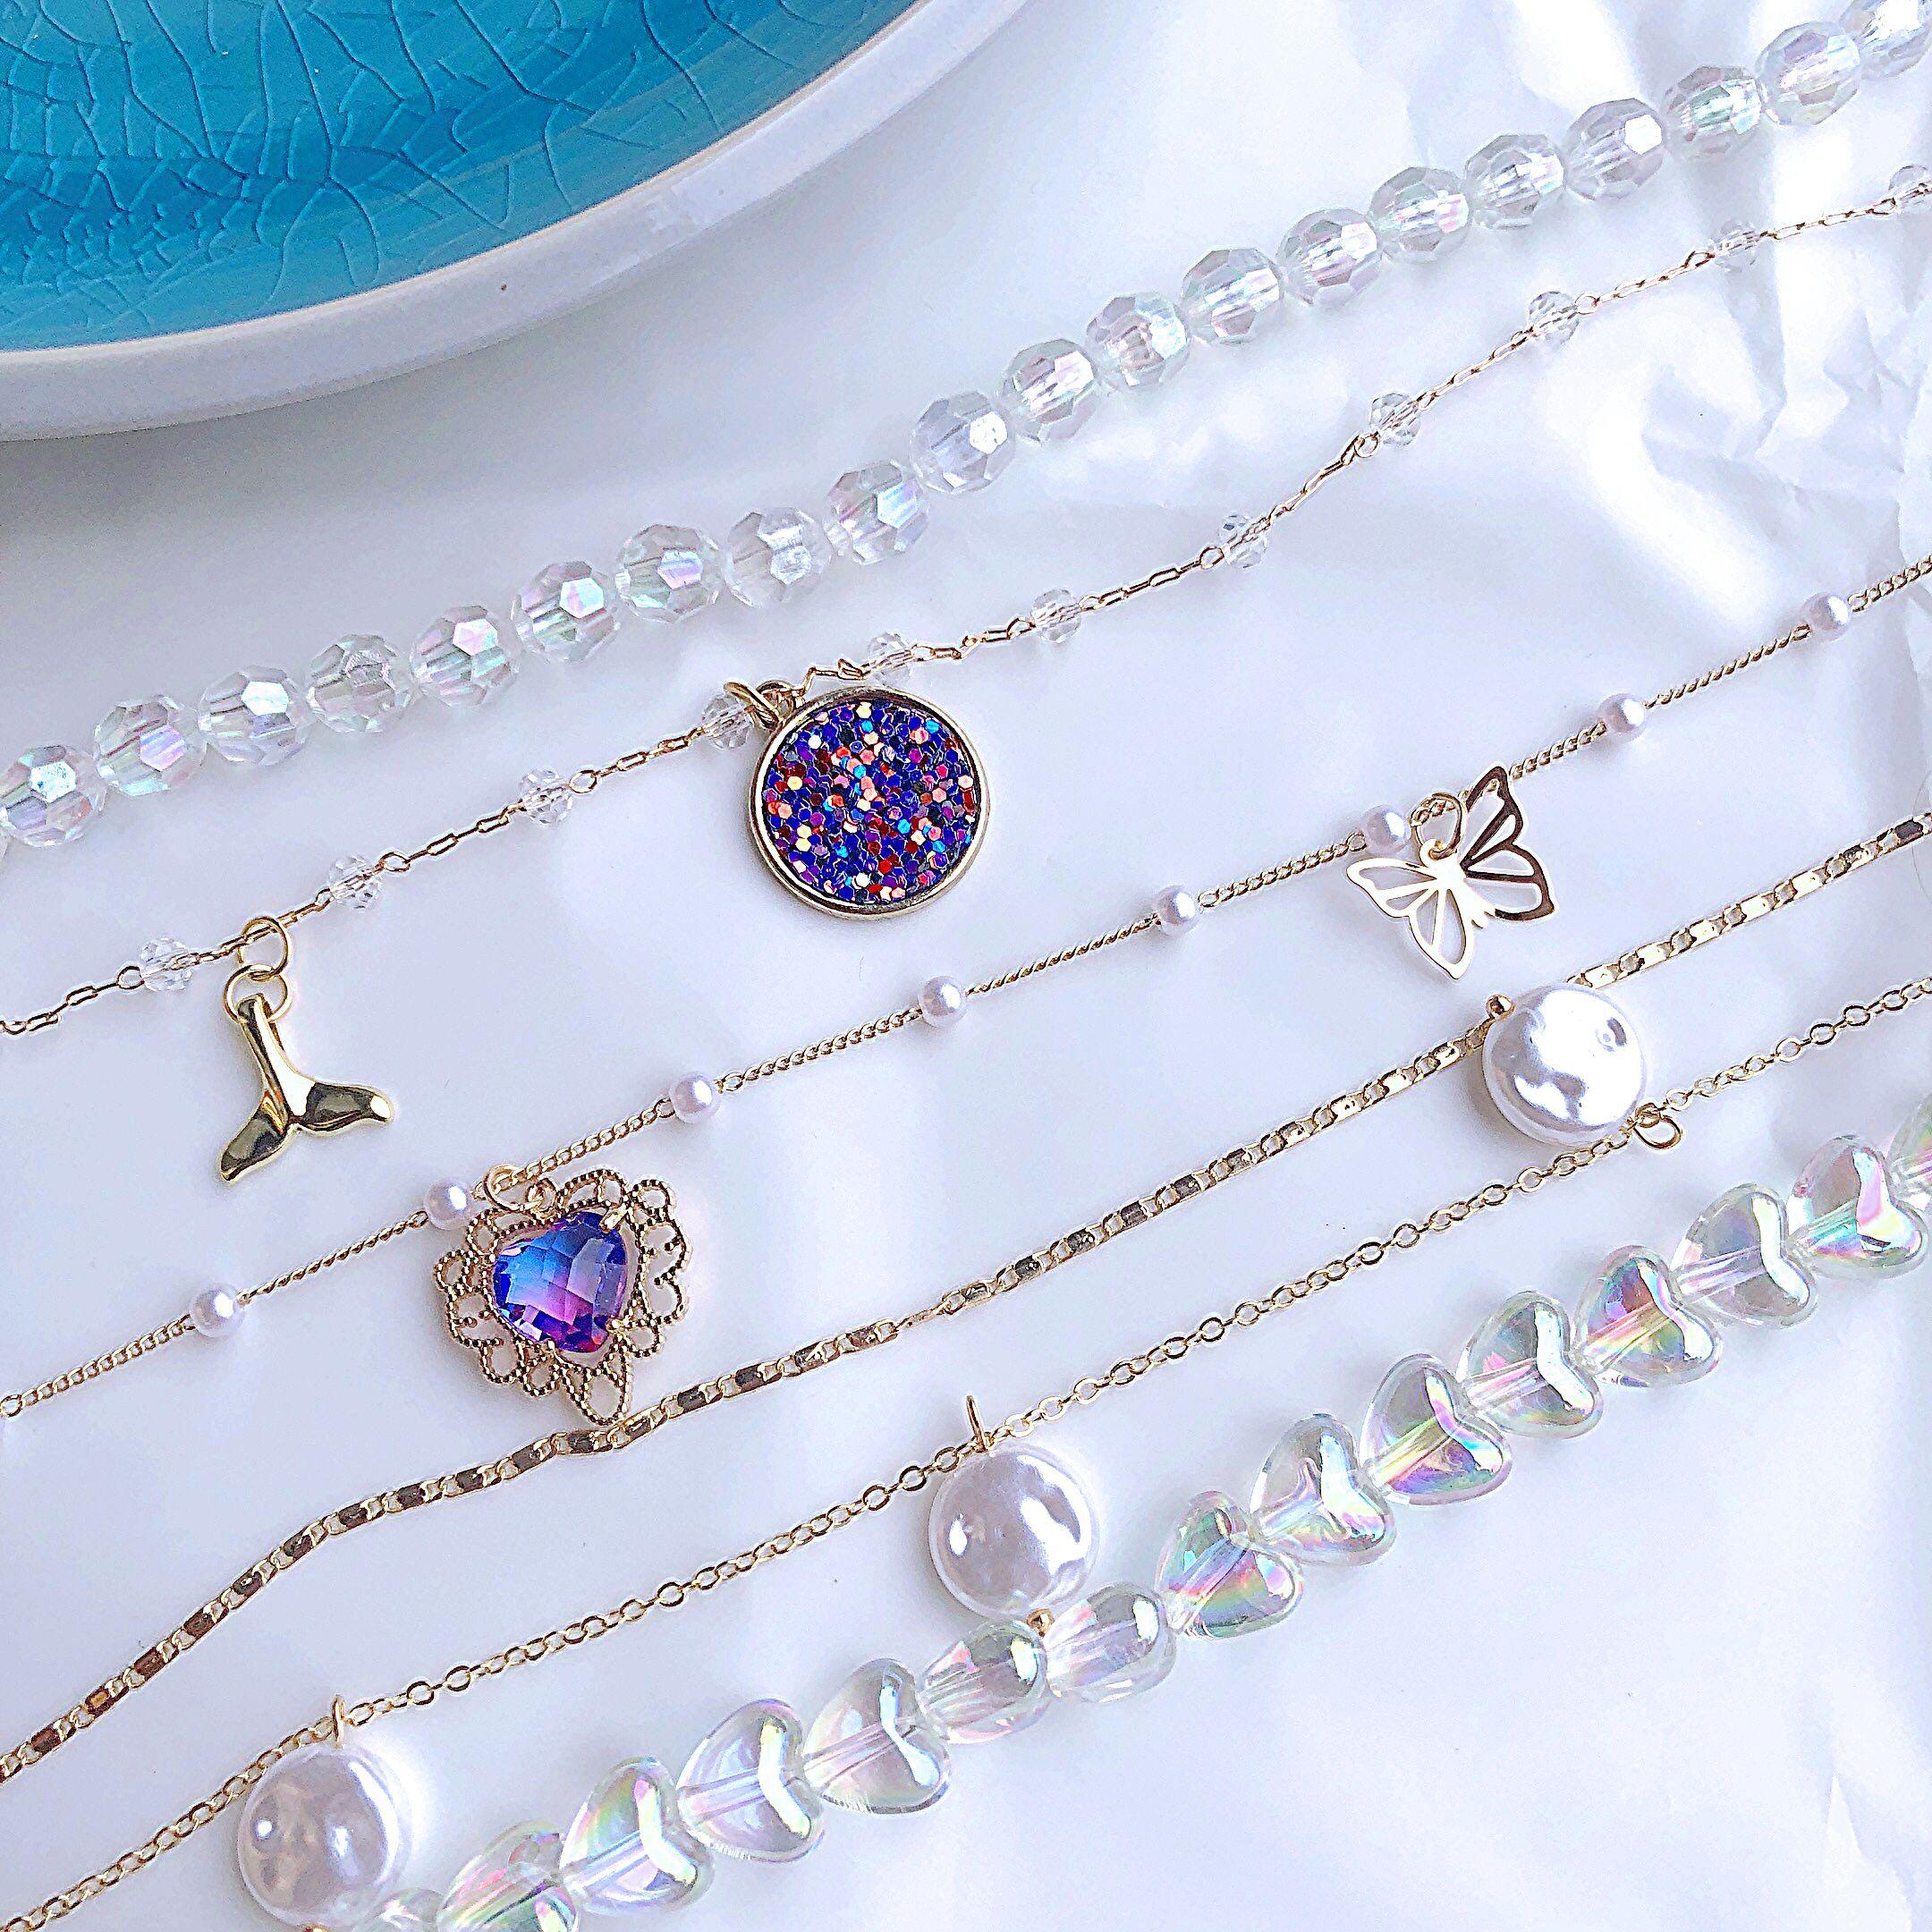 Ожерелье с фиолетовыми блестками и бабочкой Kpop, чокер любовь, красочные ювелирные изделия ручной работы, подарки